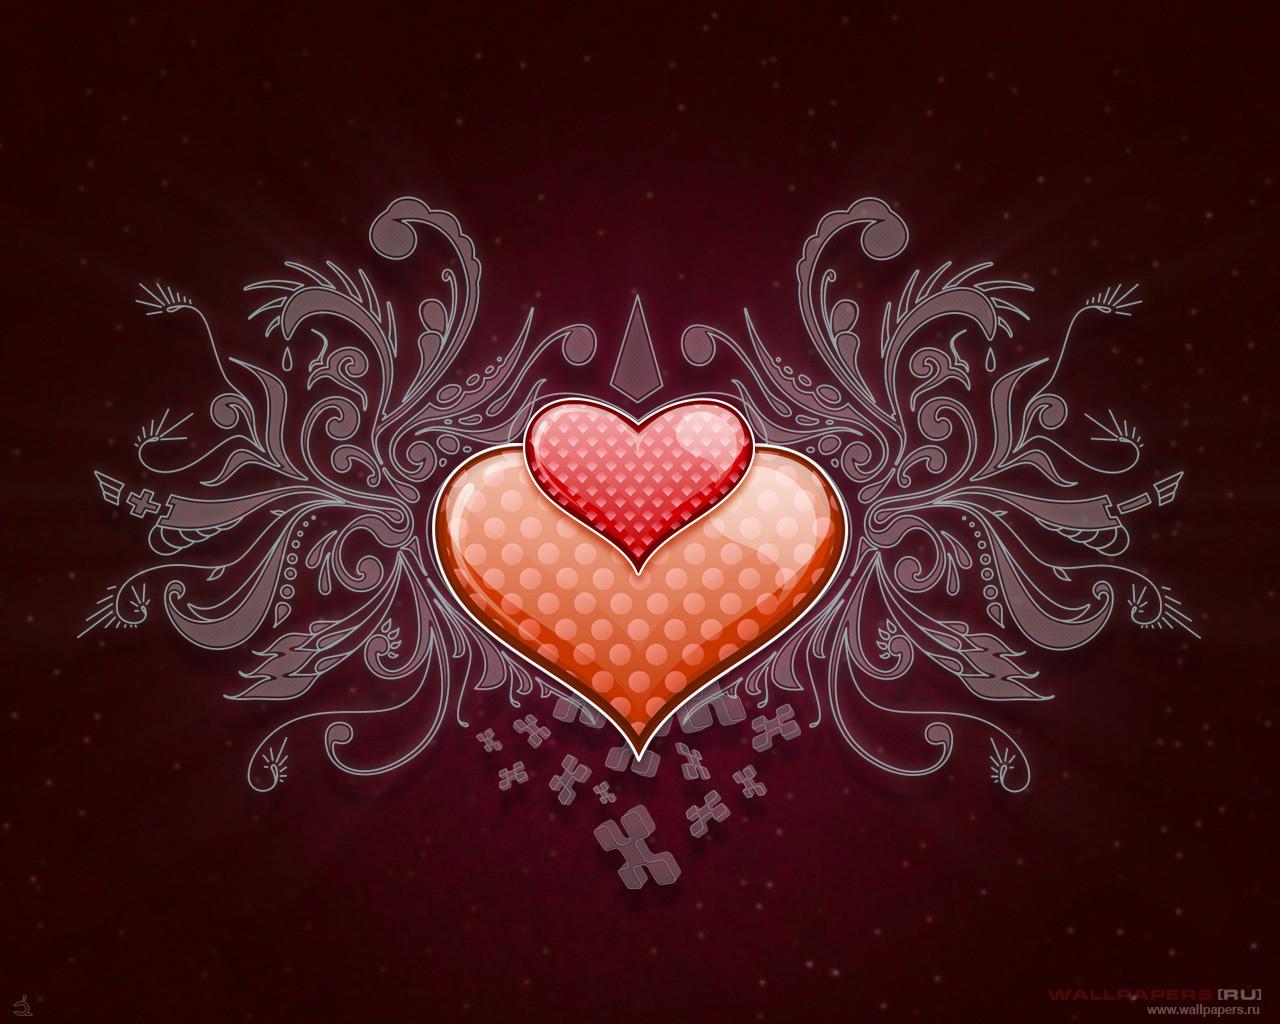 Kumpulan Gambar - Gambar Cinta Terbaru